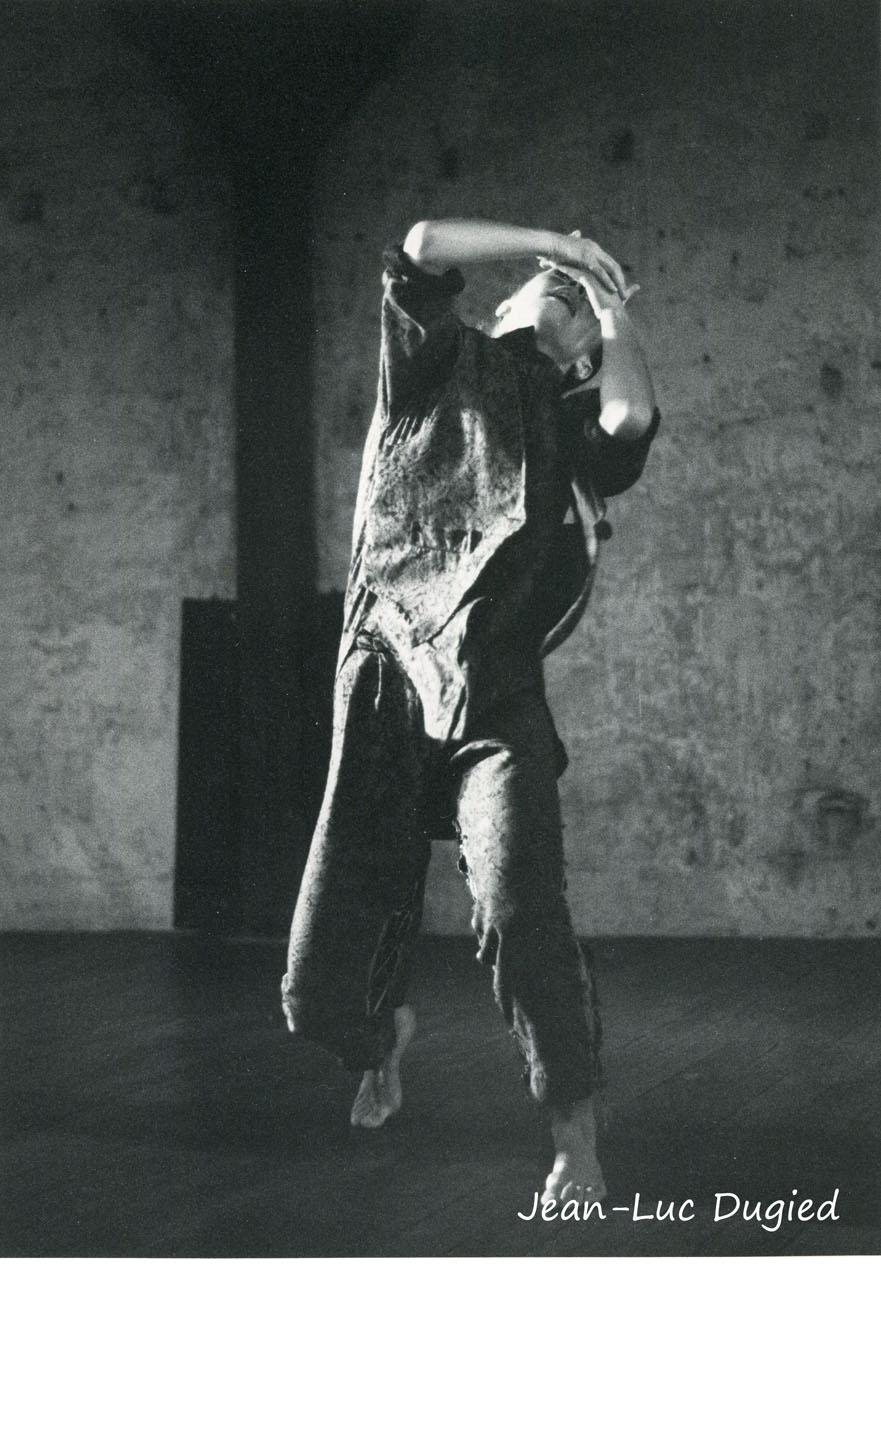 21 Roussel Stéphanie - son rire s'est brisé comme un éclat de verre - 1986